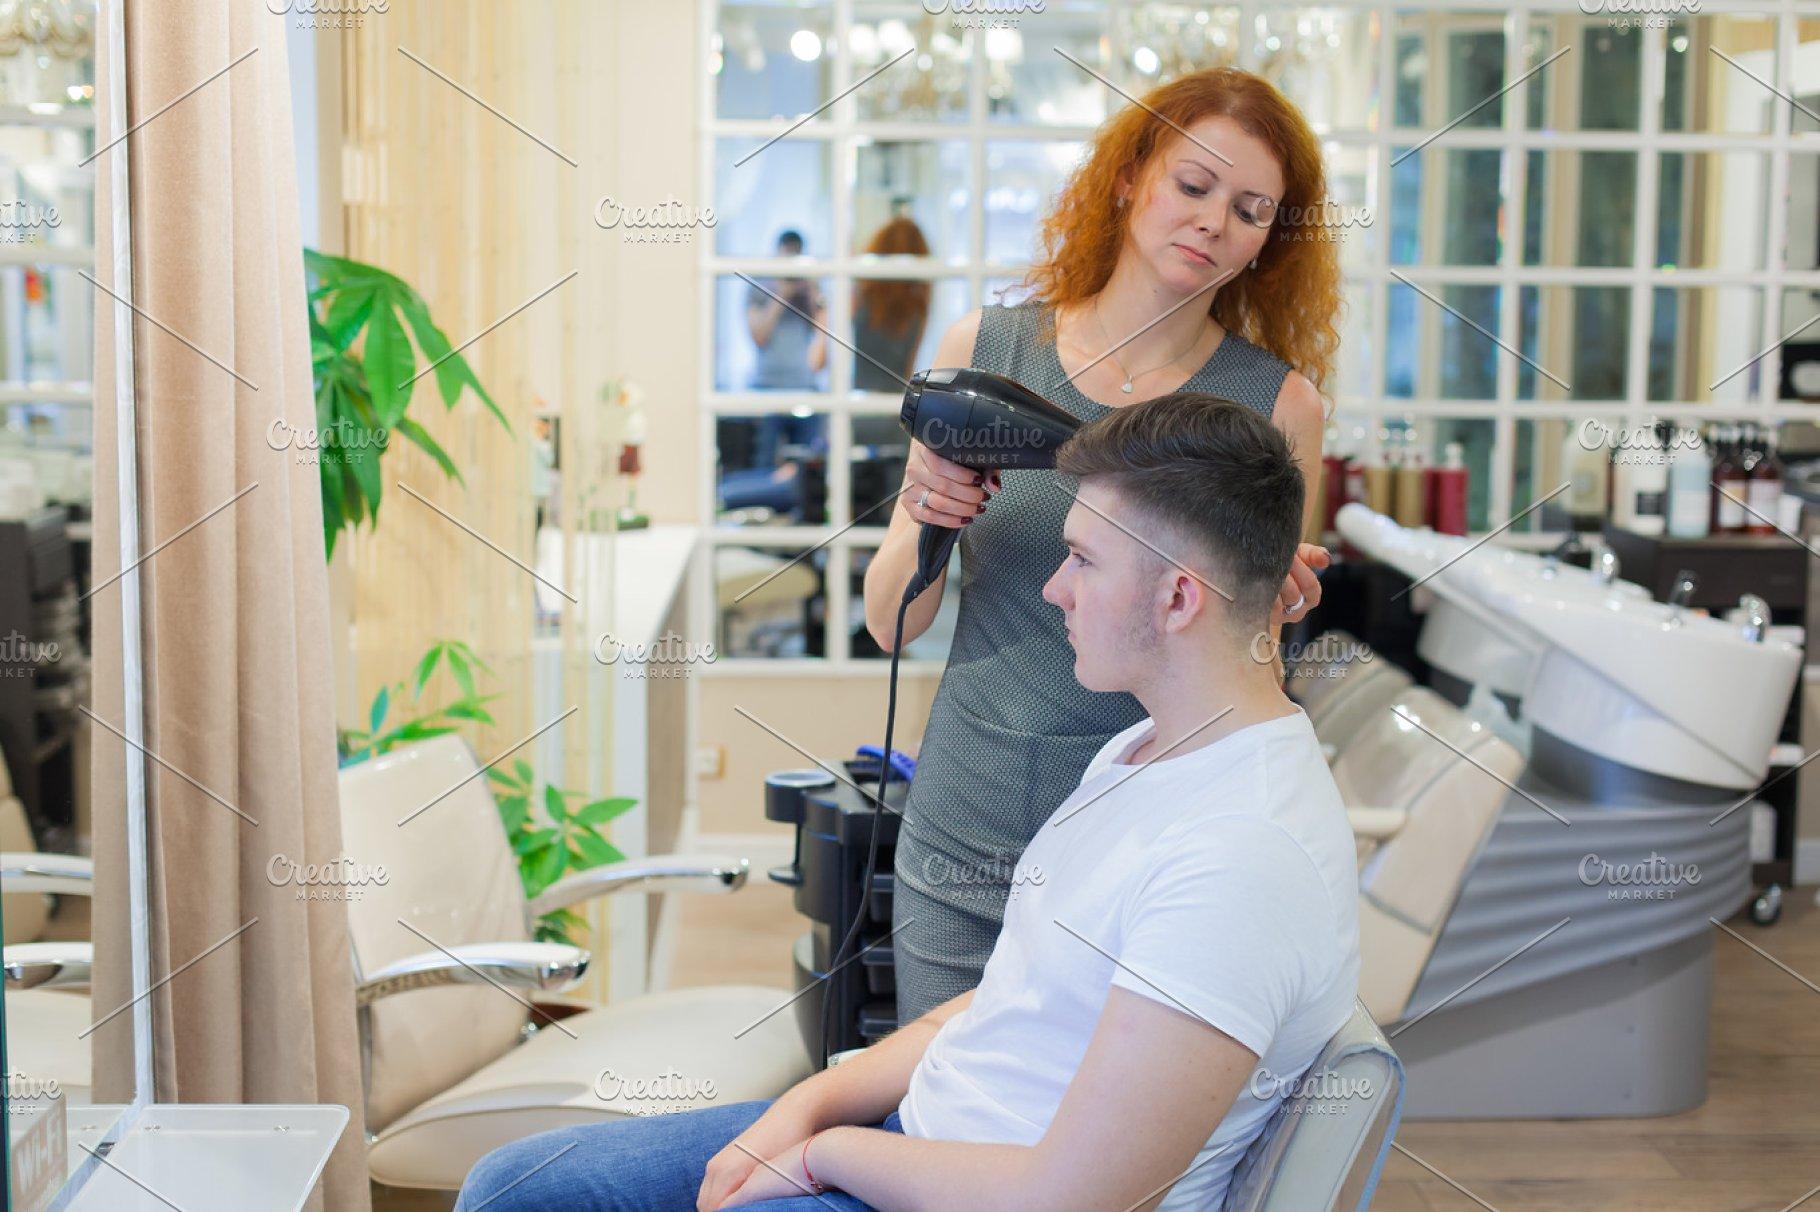 Getting A Haircut 86